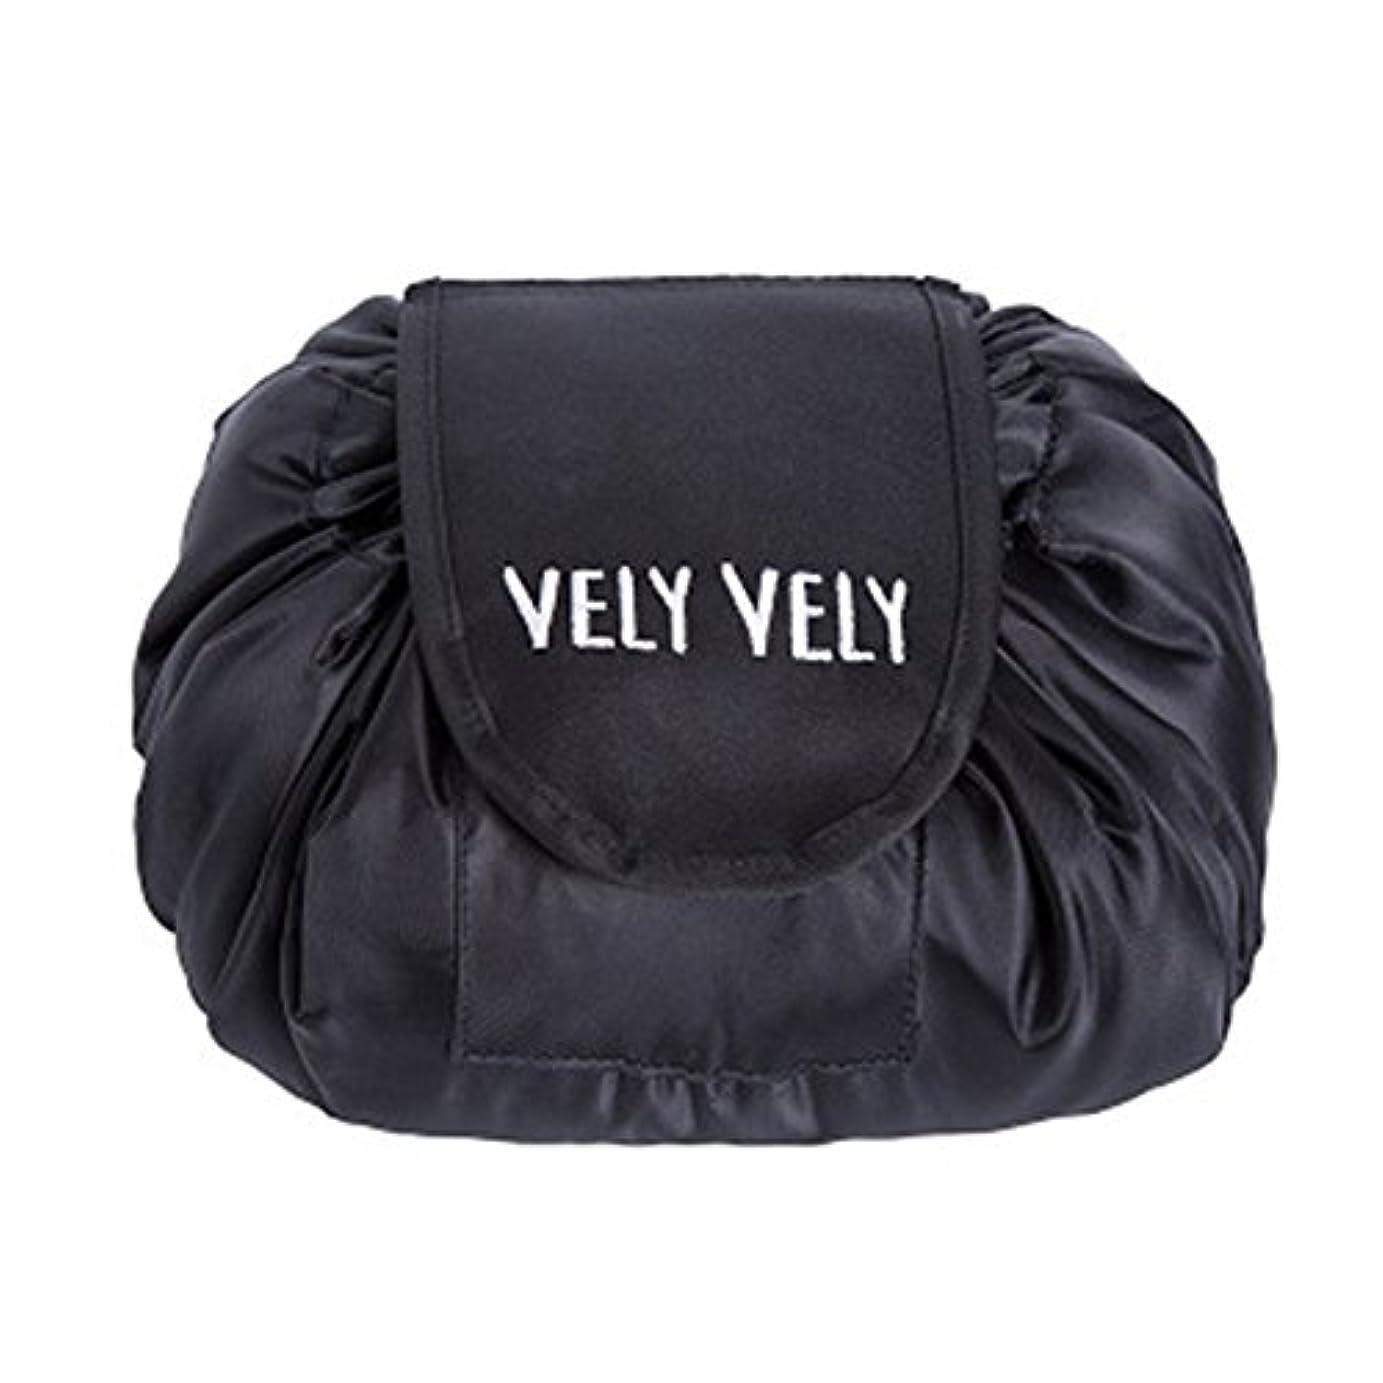 悲惨安定したソートLittleliving 旅行メイクバッグ 旅行化粧バッグ メイク収納バッグ 化粧ポーチ 大容量 巾着 マジックふろしきポーチ